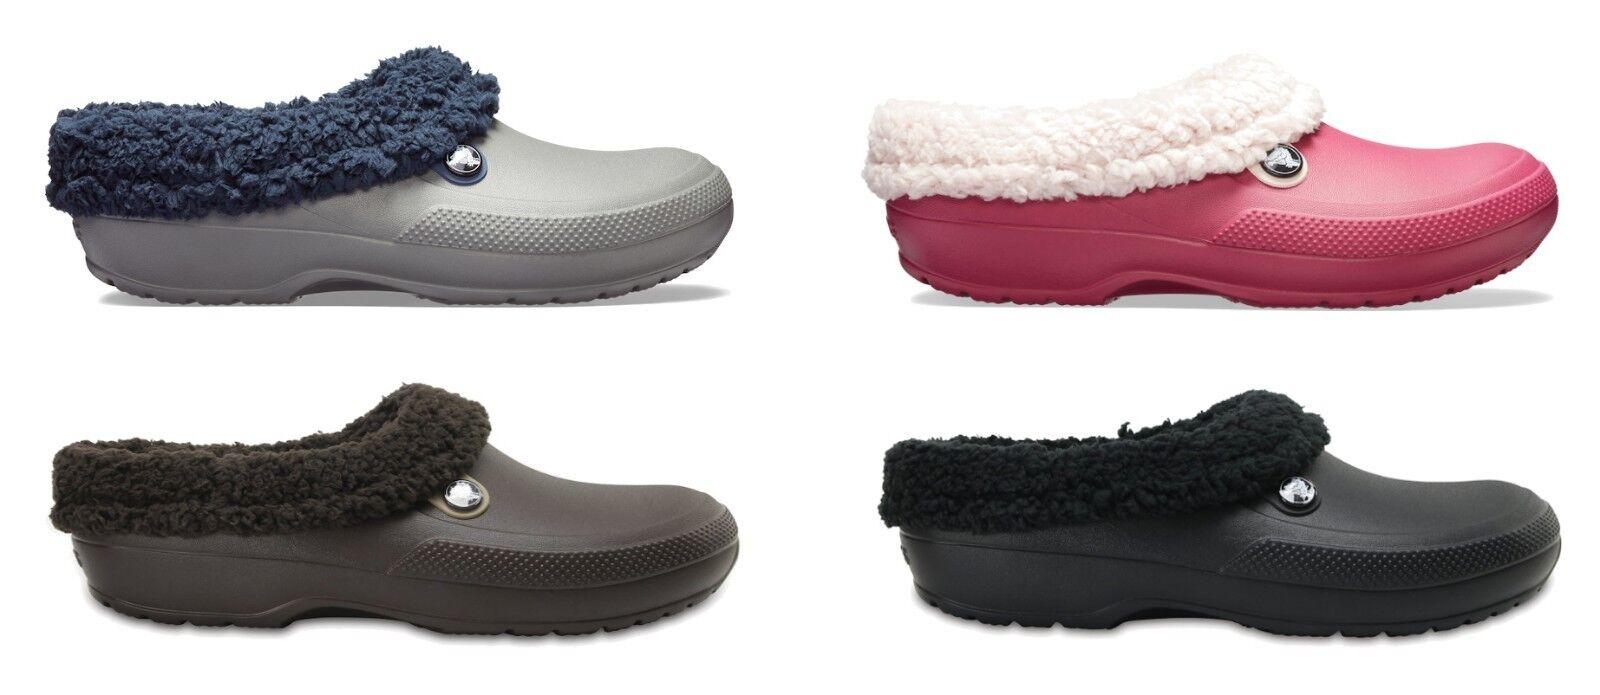 Crocs Blitzen III Mens Womens Faux Fur Lined Warm Croslite Slip On Clogs.